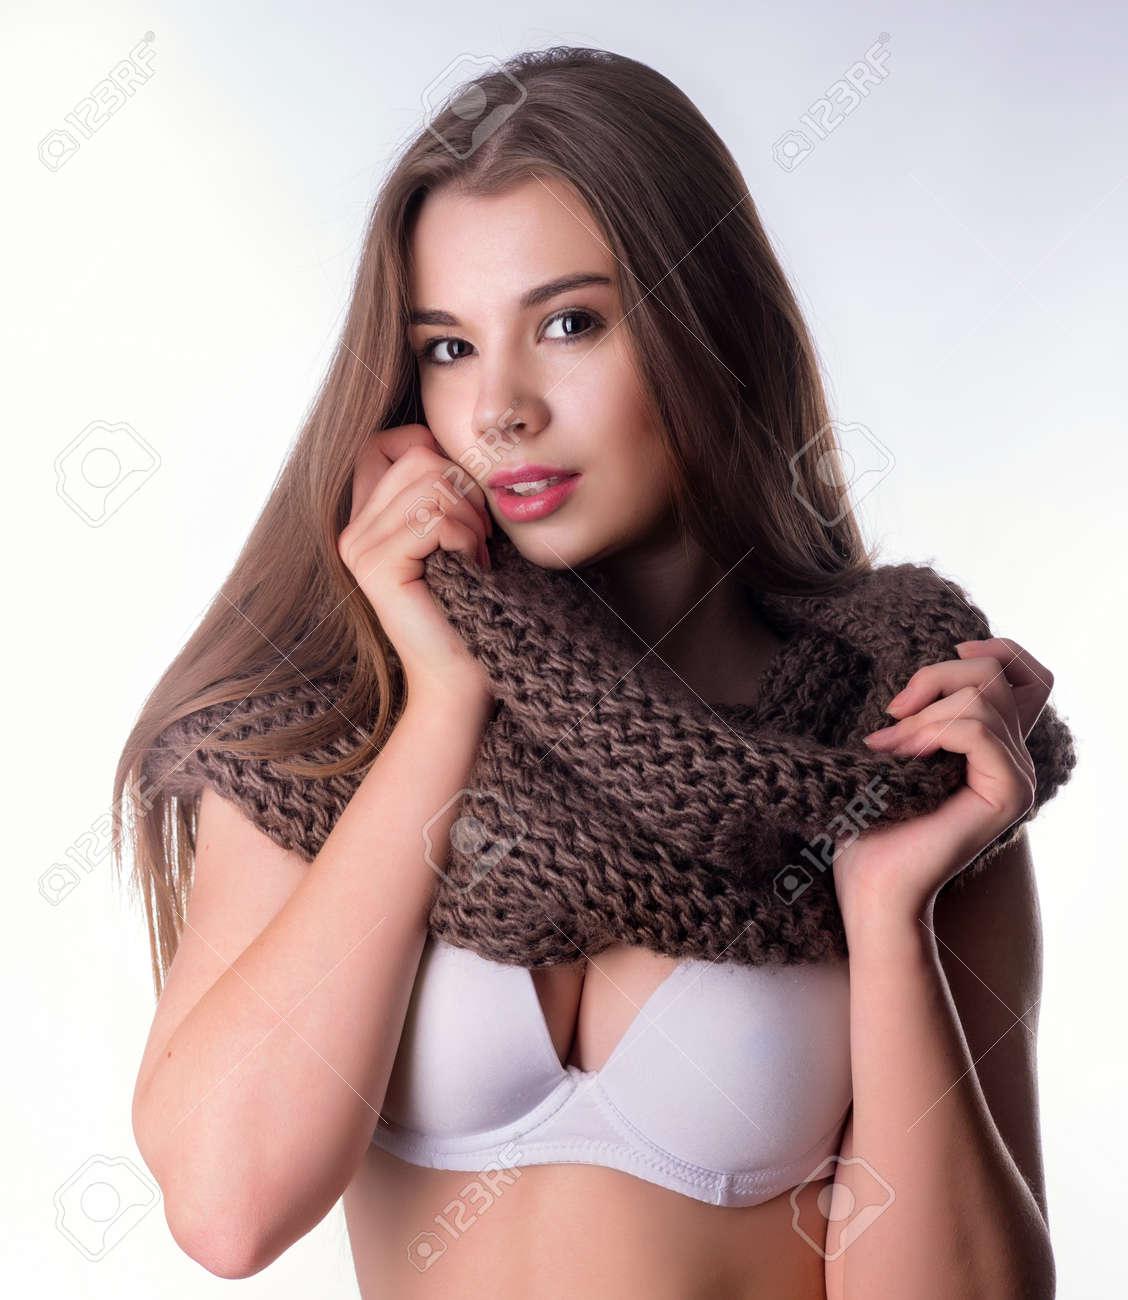 Uncensored hentai porns